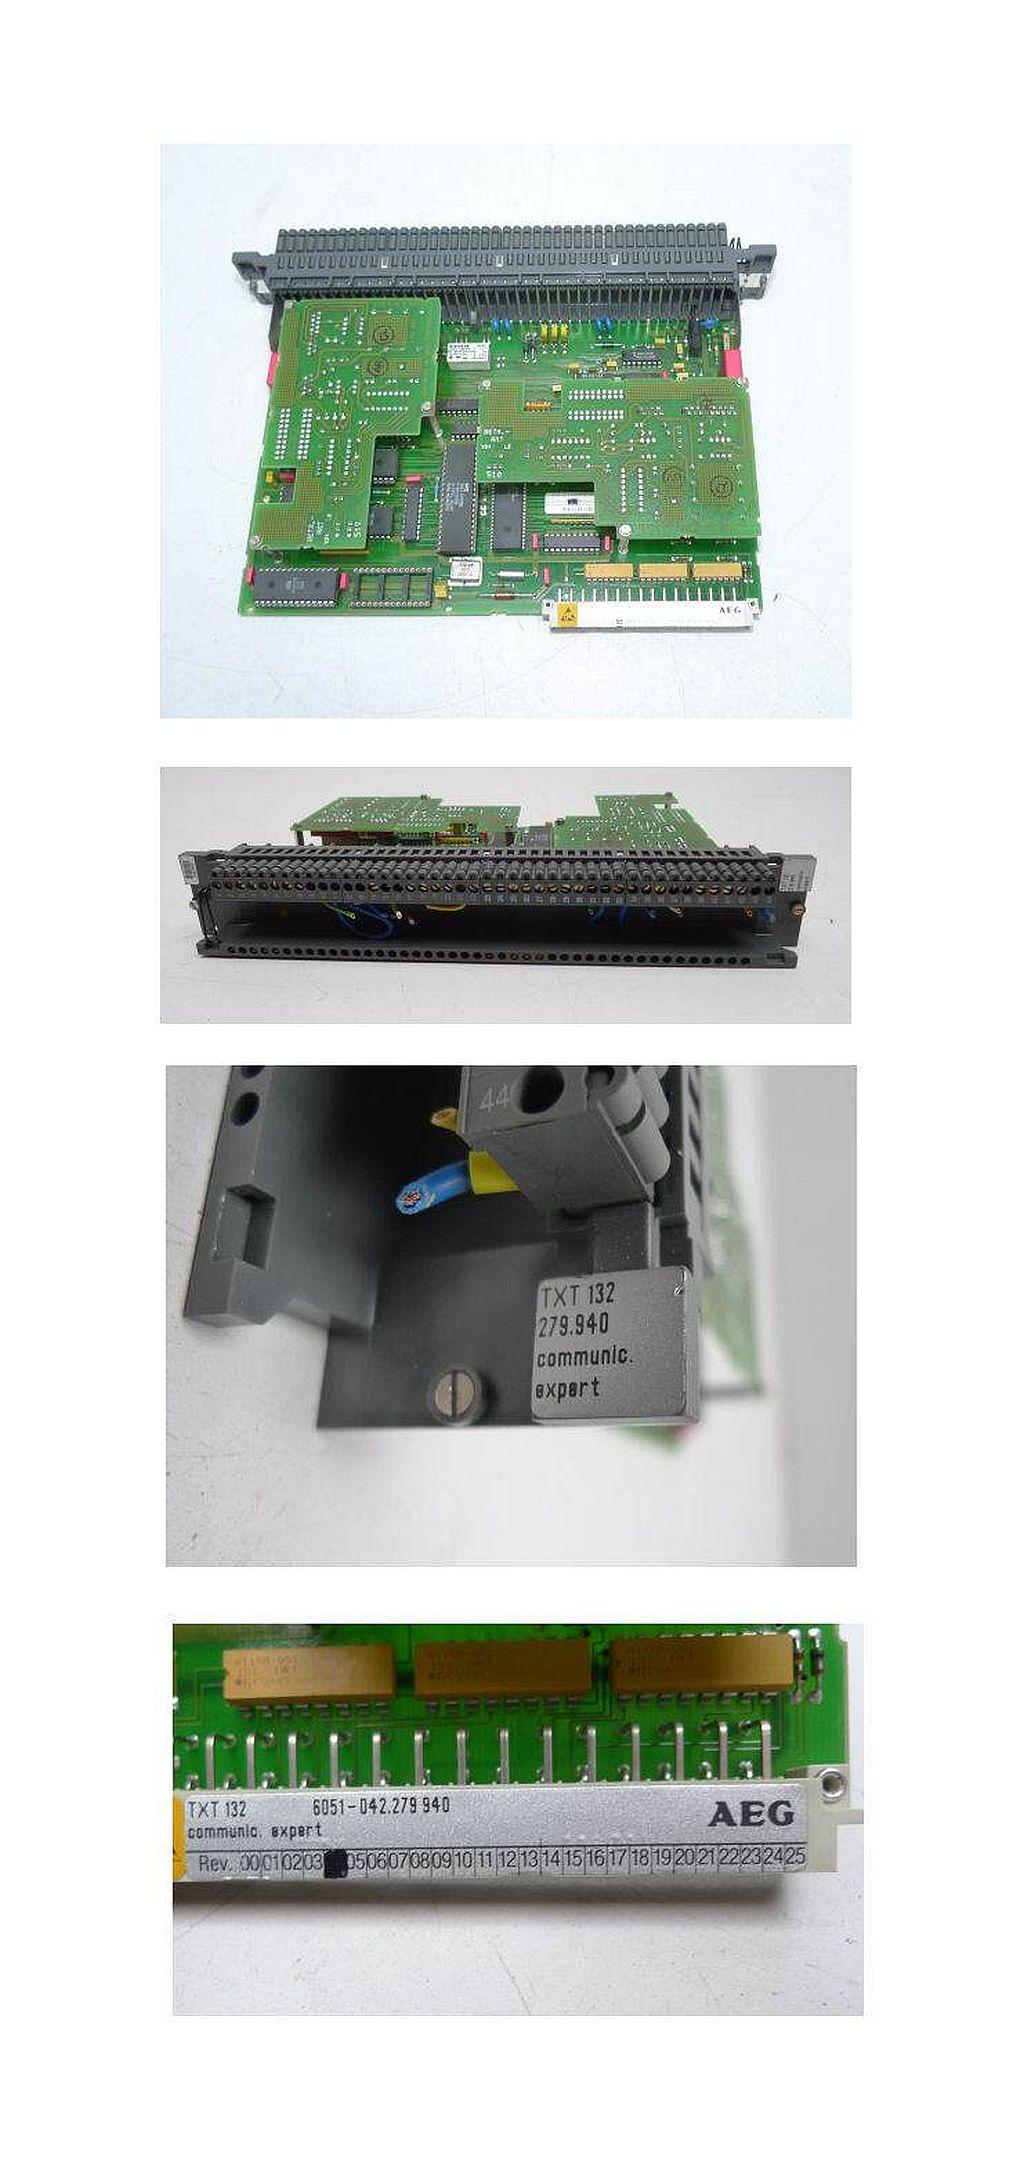 AEG SPS Modul TXT-132 6051-042.279940